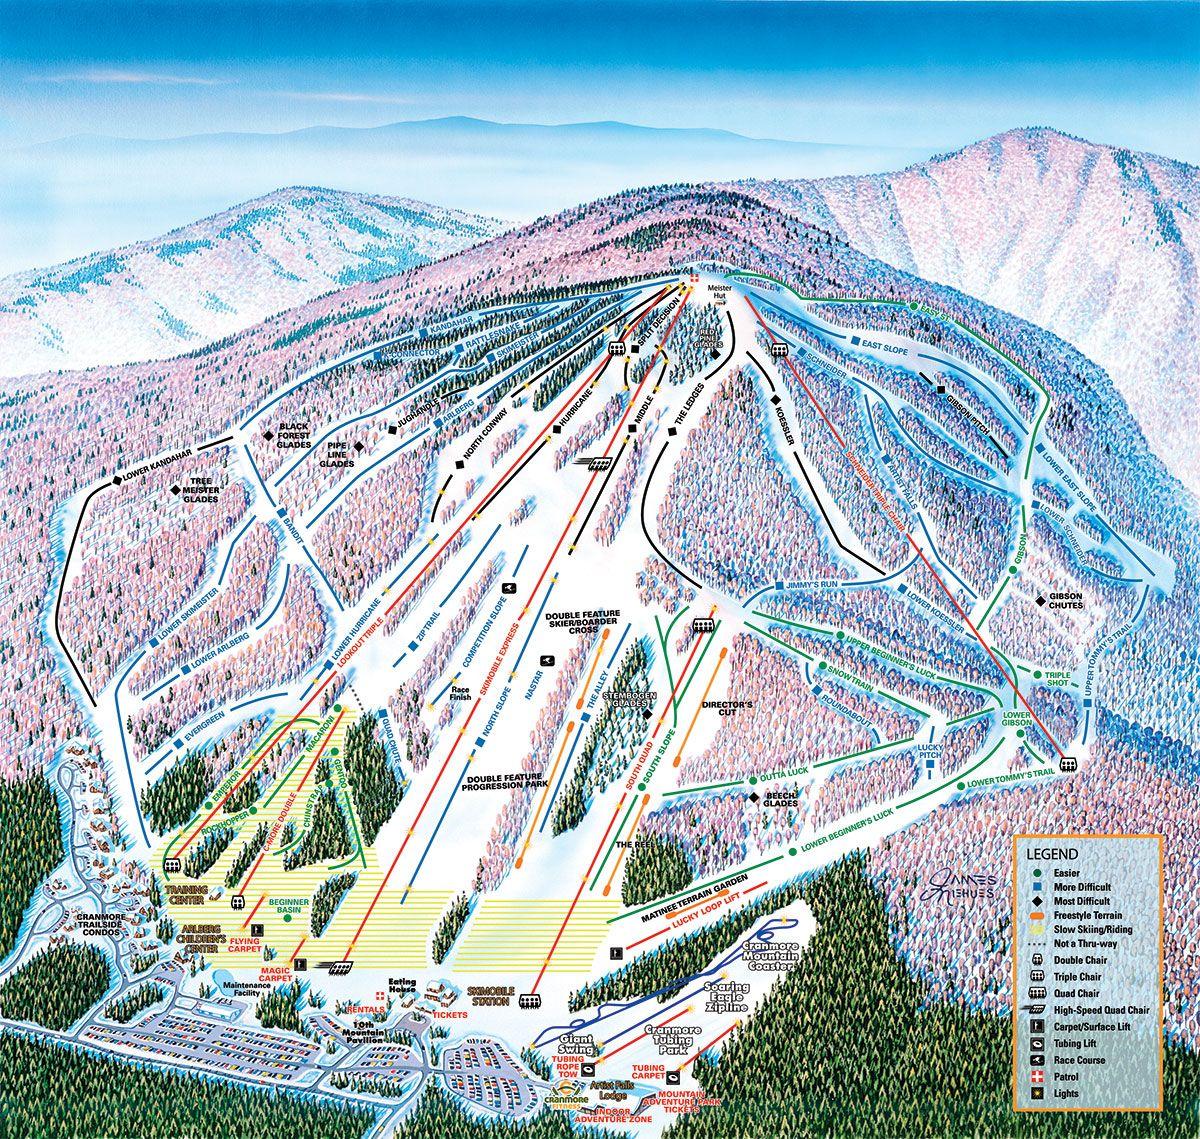 cranmore mountain, nh www.cranmore | skiing & snowboarding